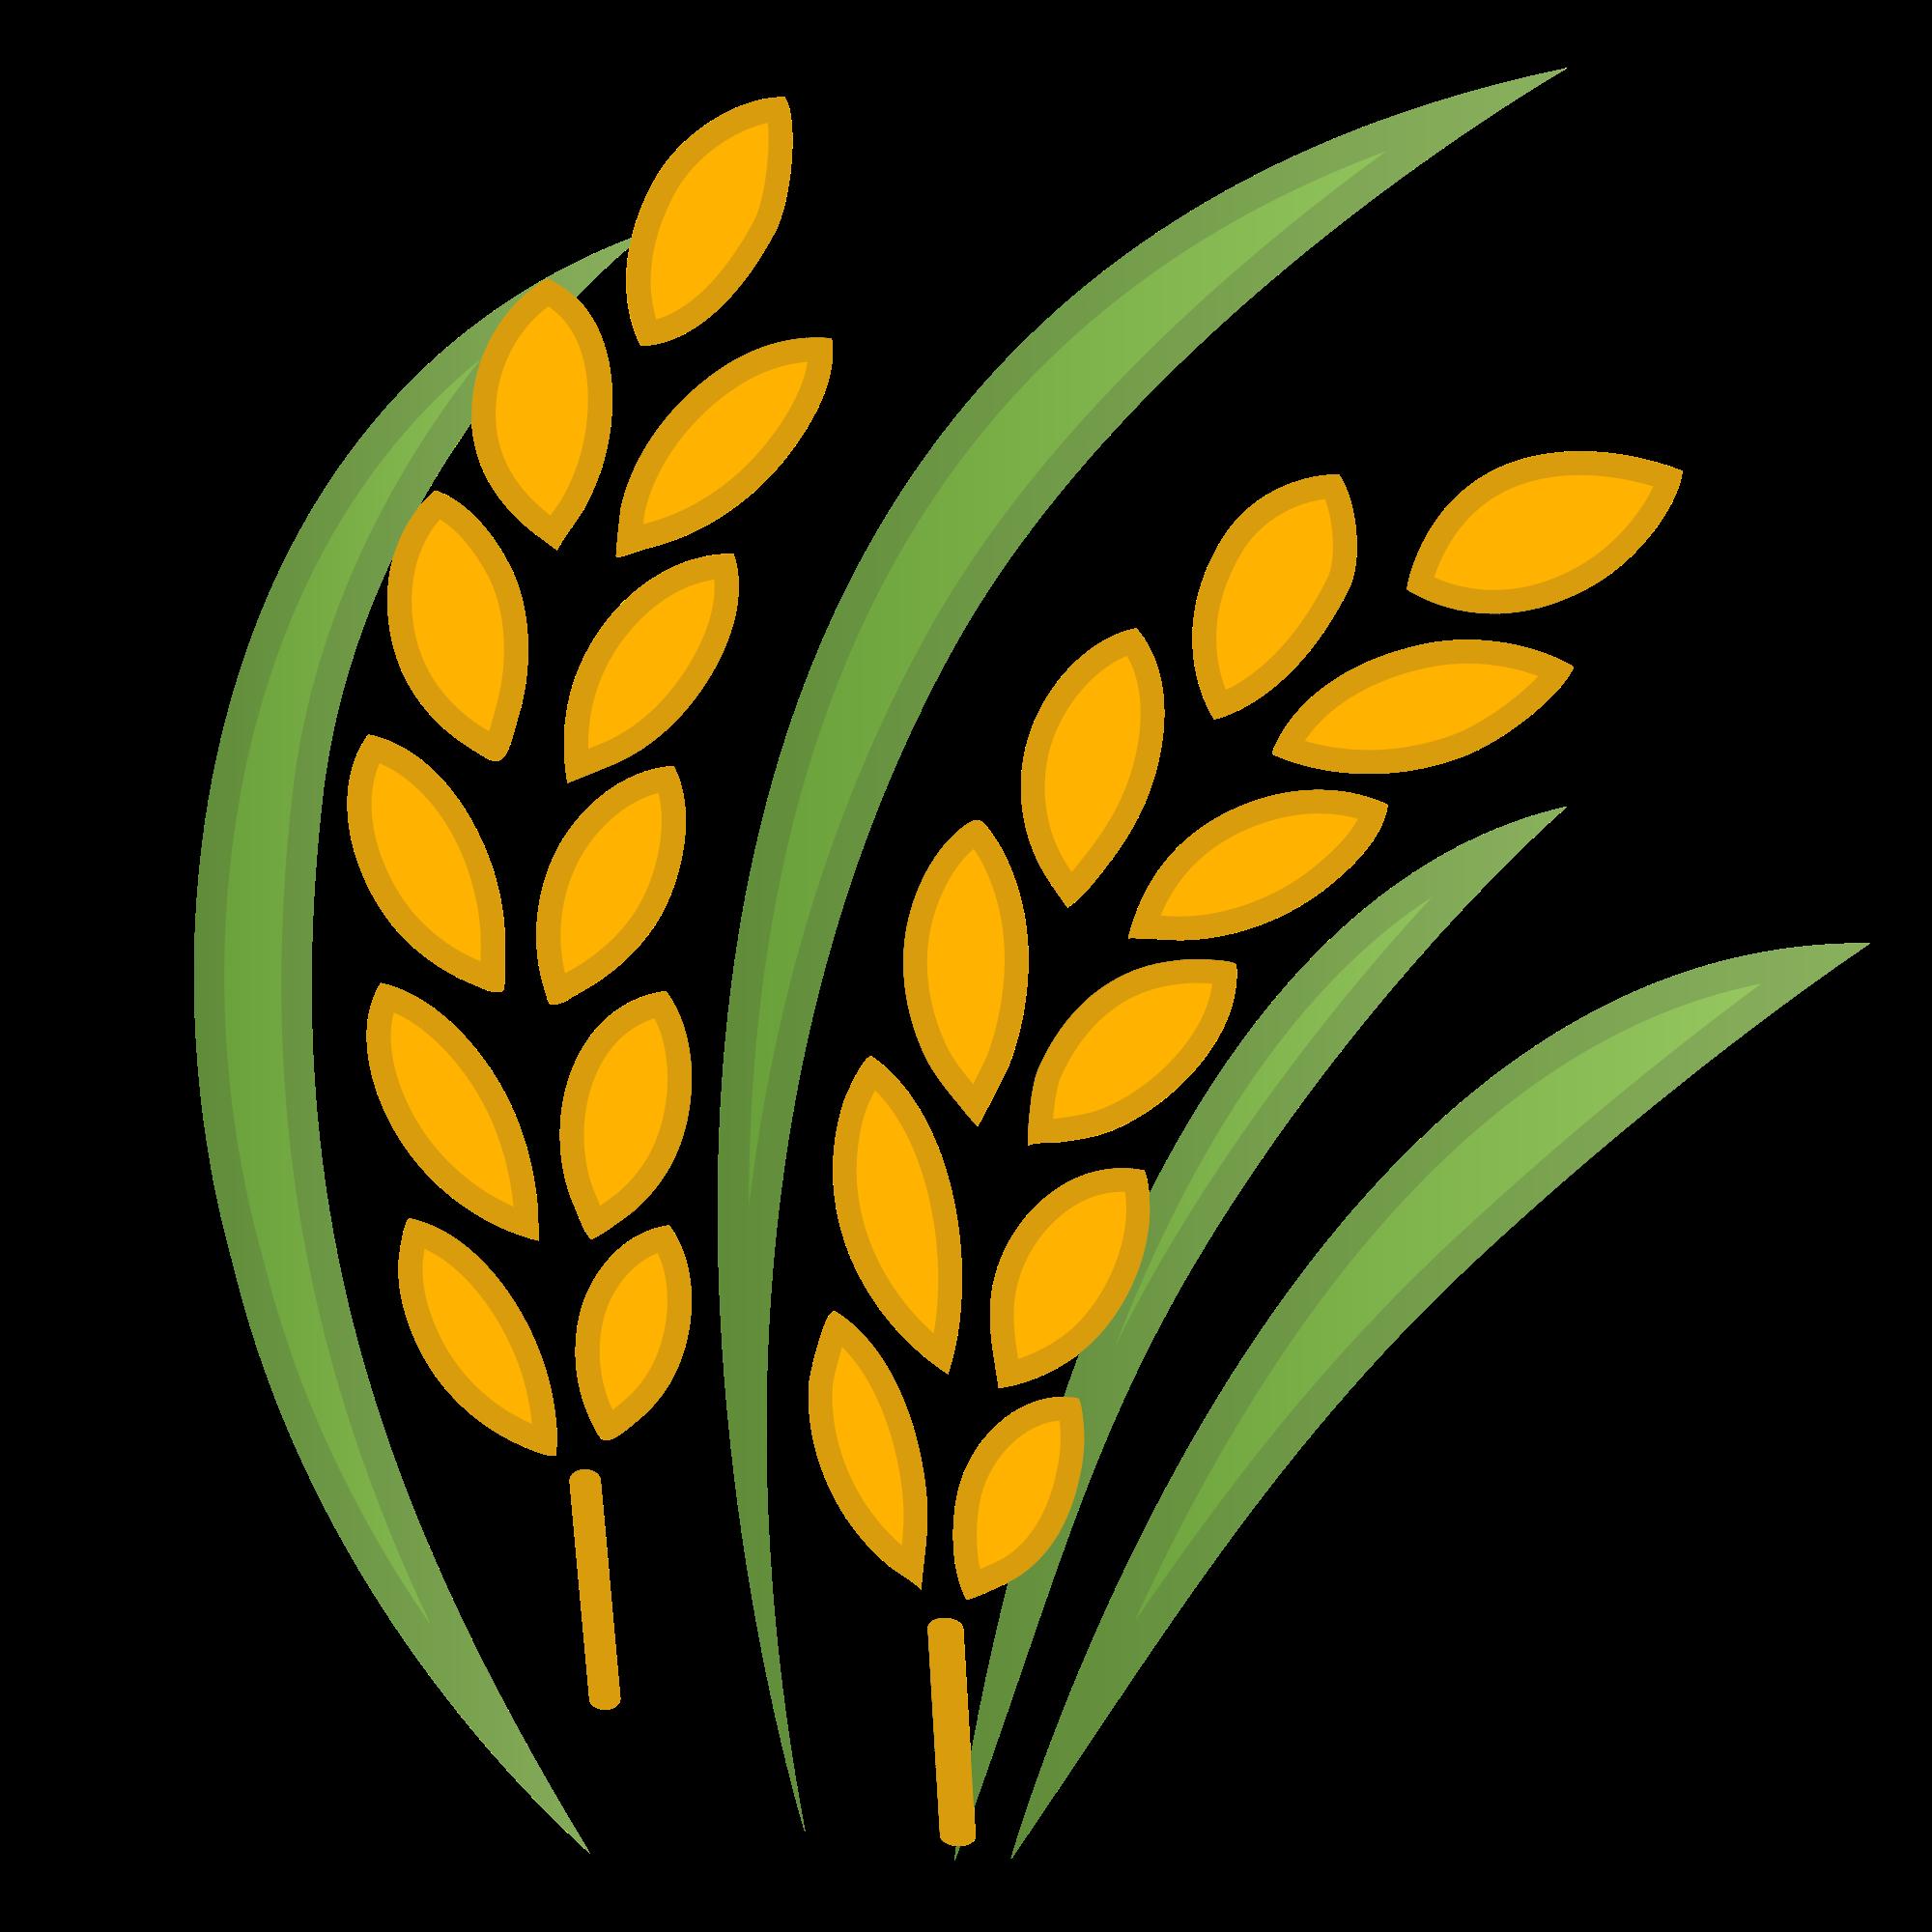 Wheat clipart svg. File noto emoji oreo